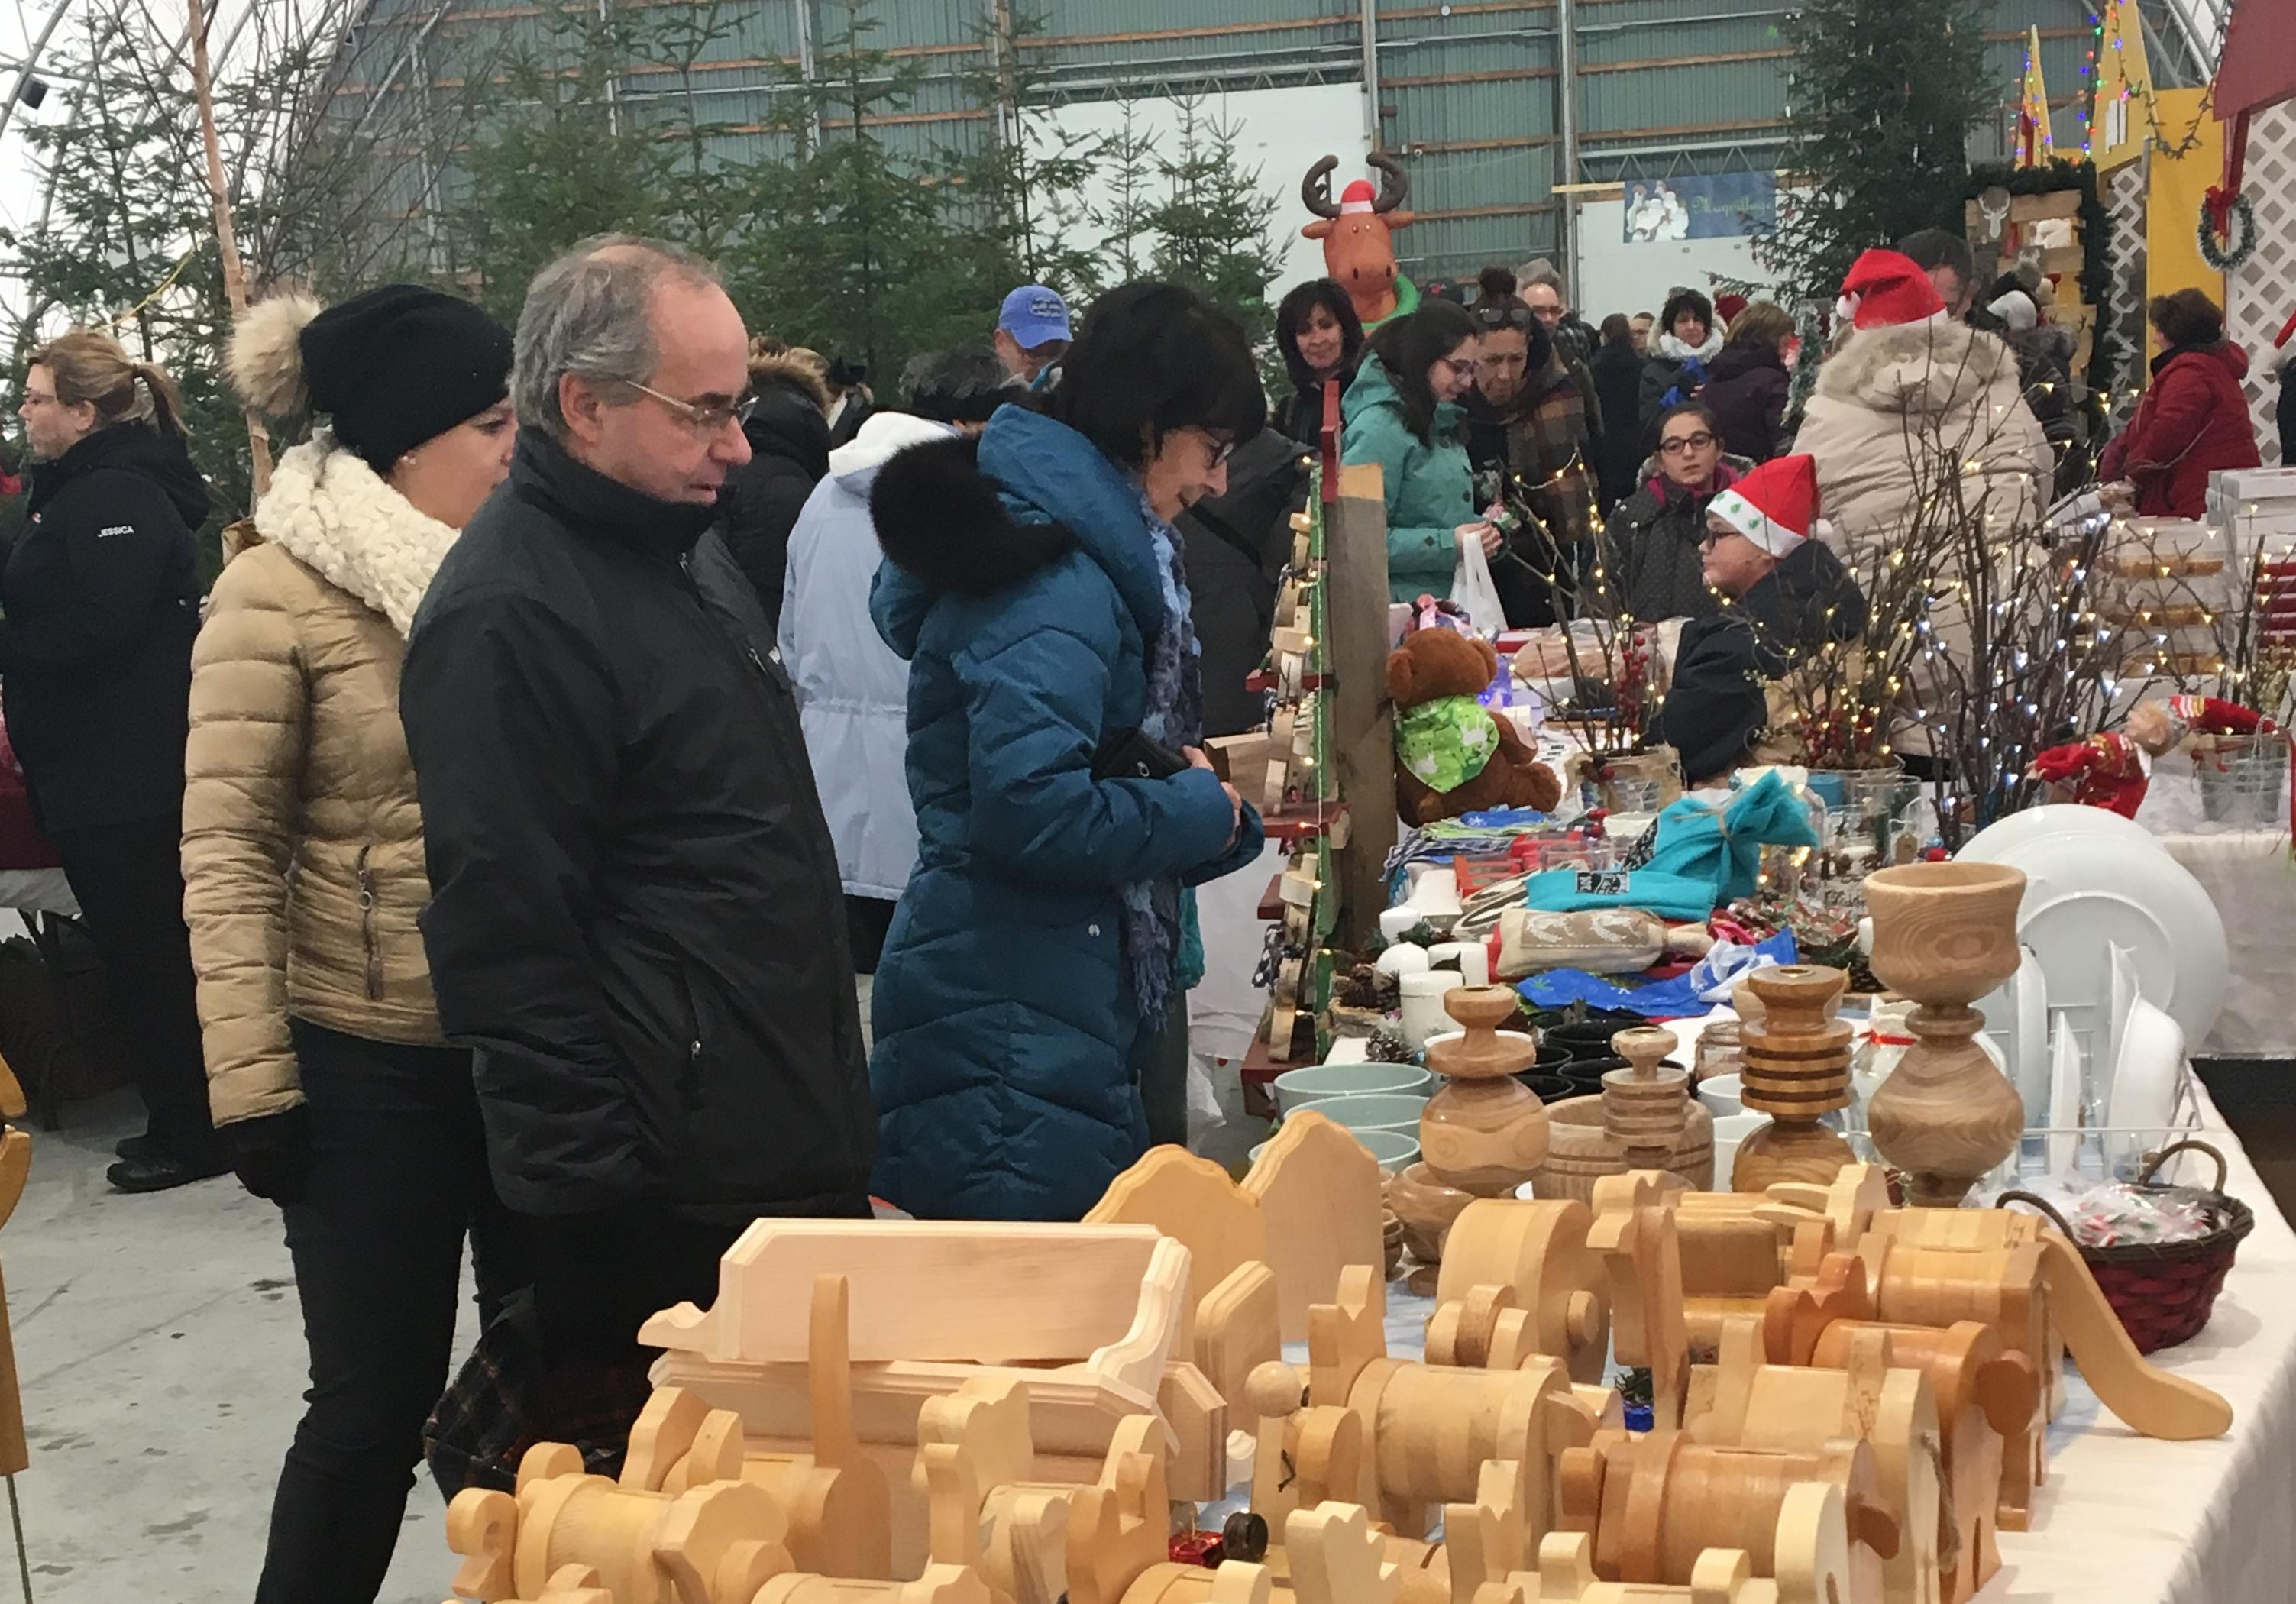 Marché Noël La Corne